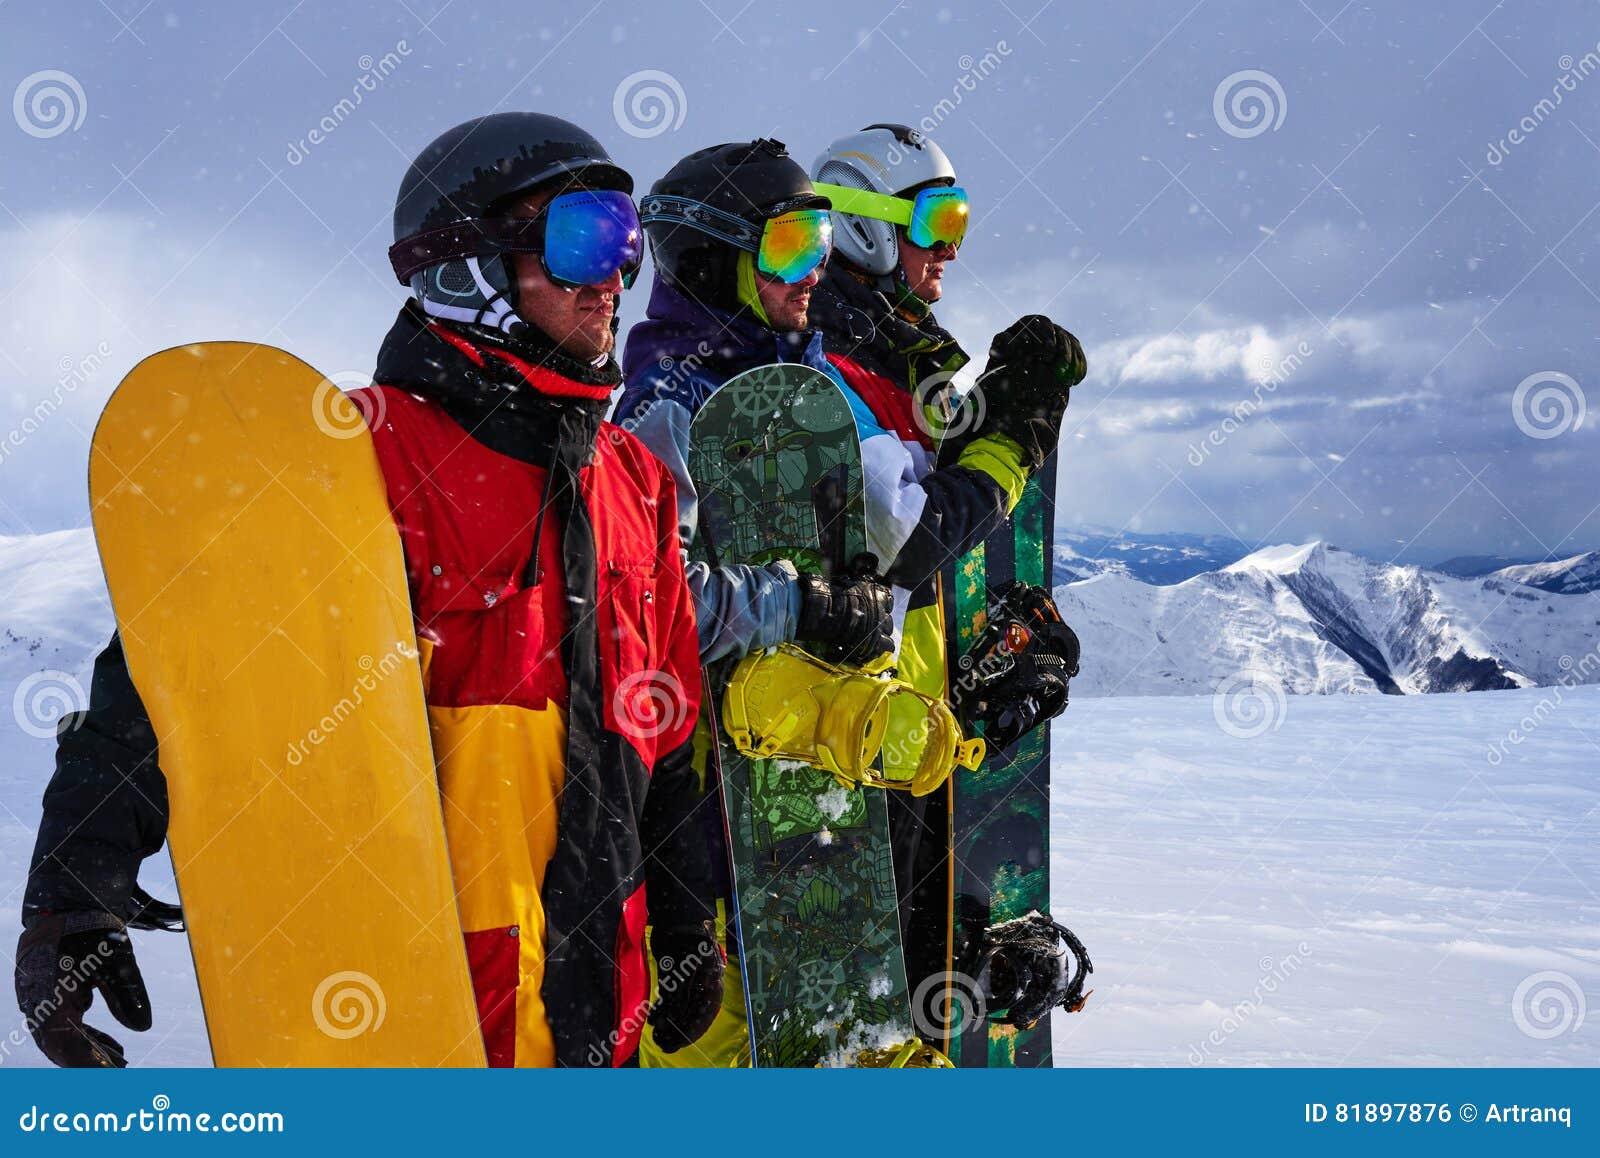 Tres amigos miran a snowboarders delanteros valeroso